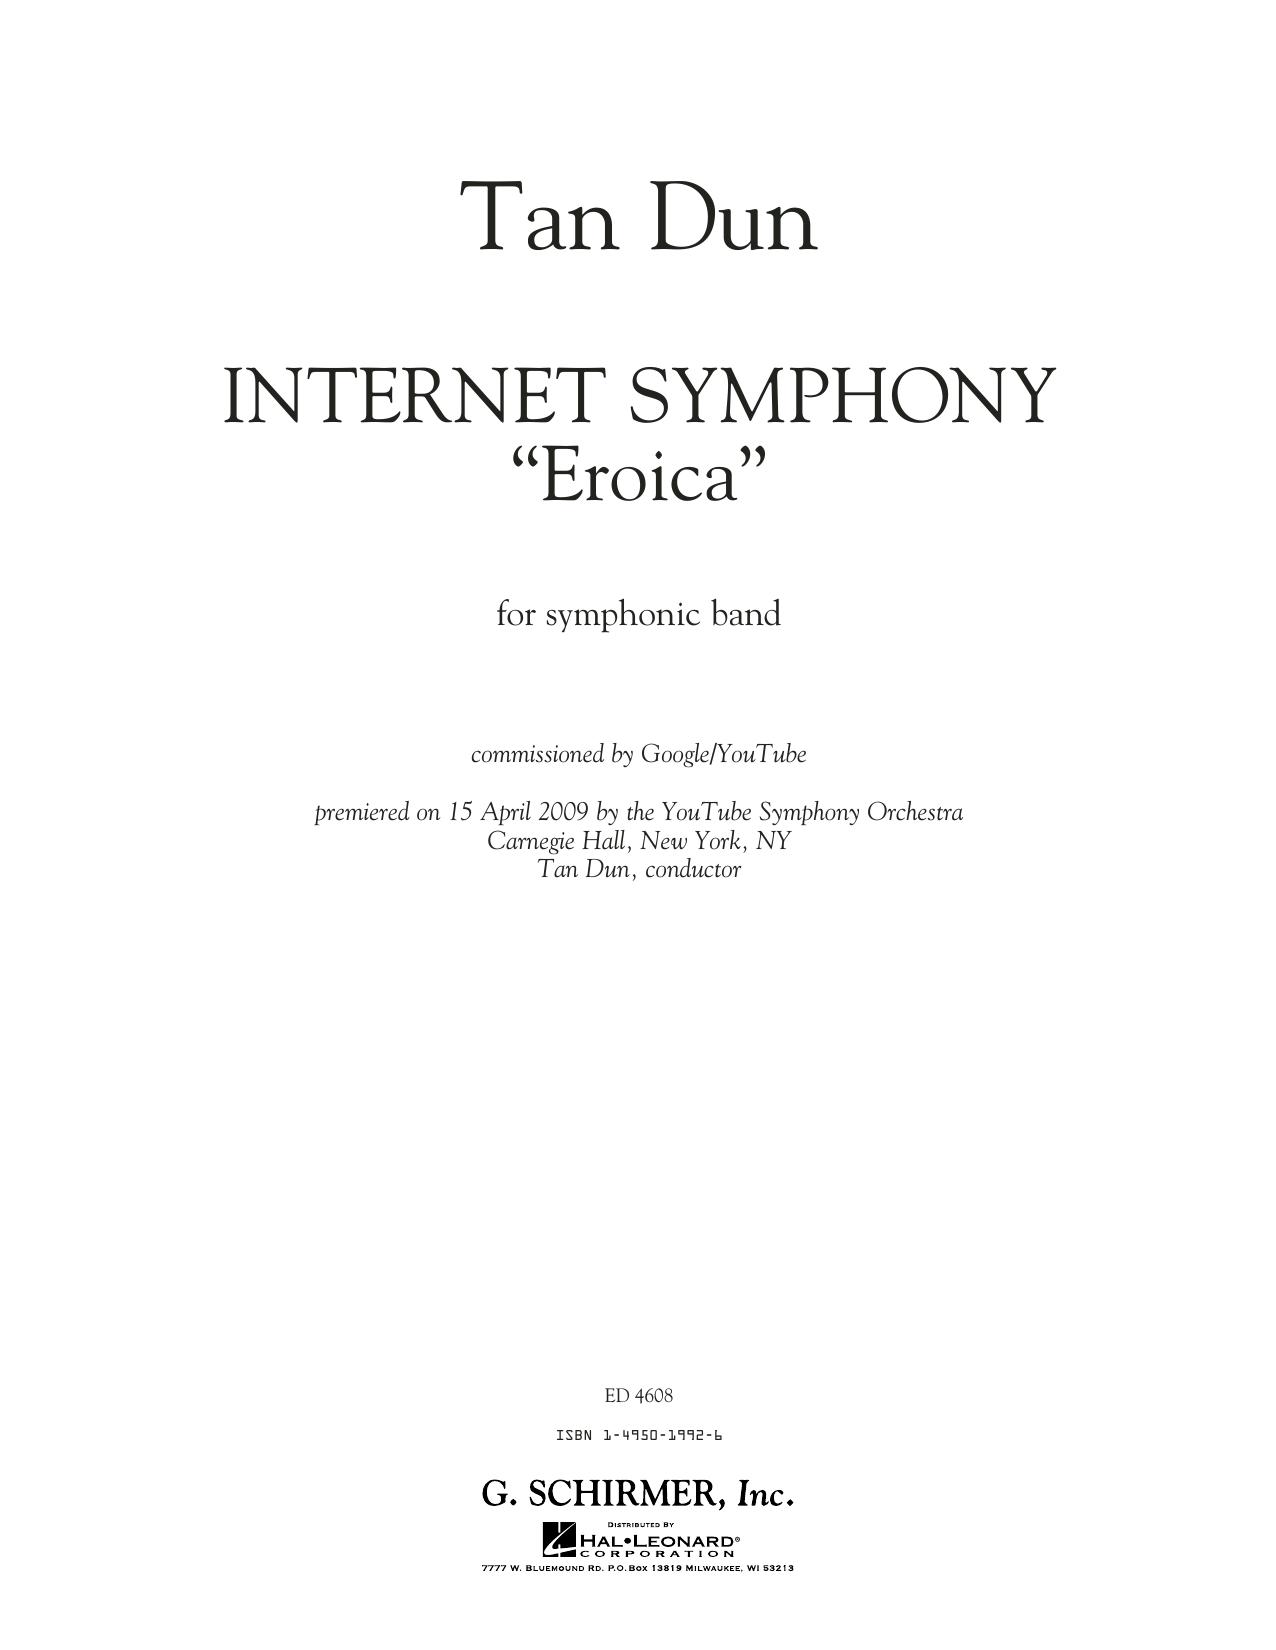 Internet Symphony